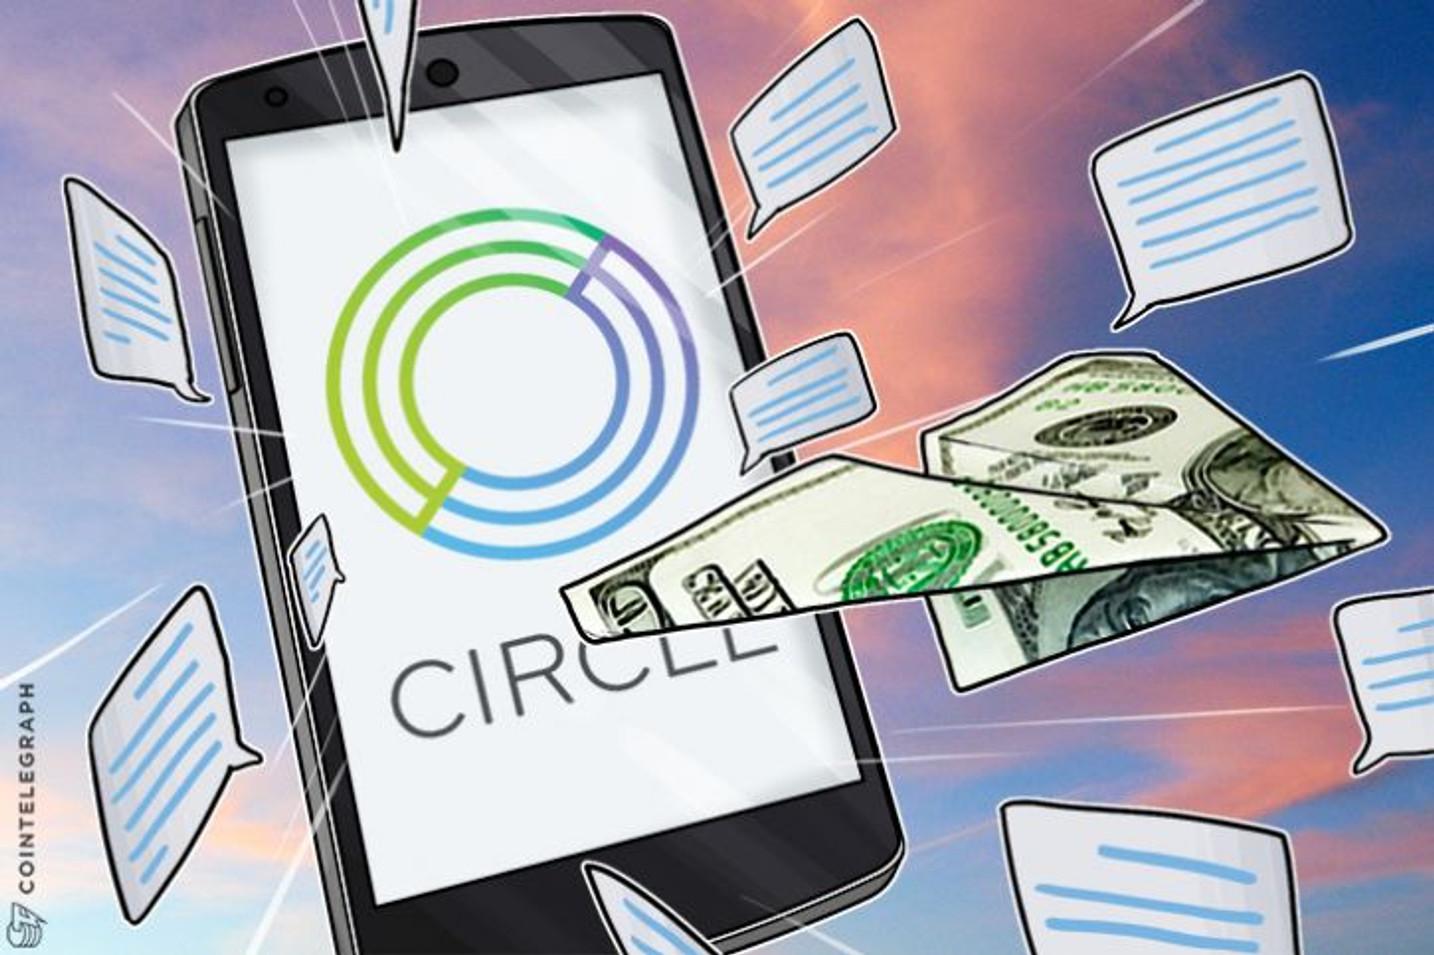 Circle abre o aplicativo de cripto investimento para 46 estados dos EUA, consegue uma BitLicense para entrar em Nova Yorque